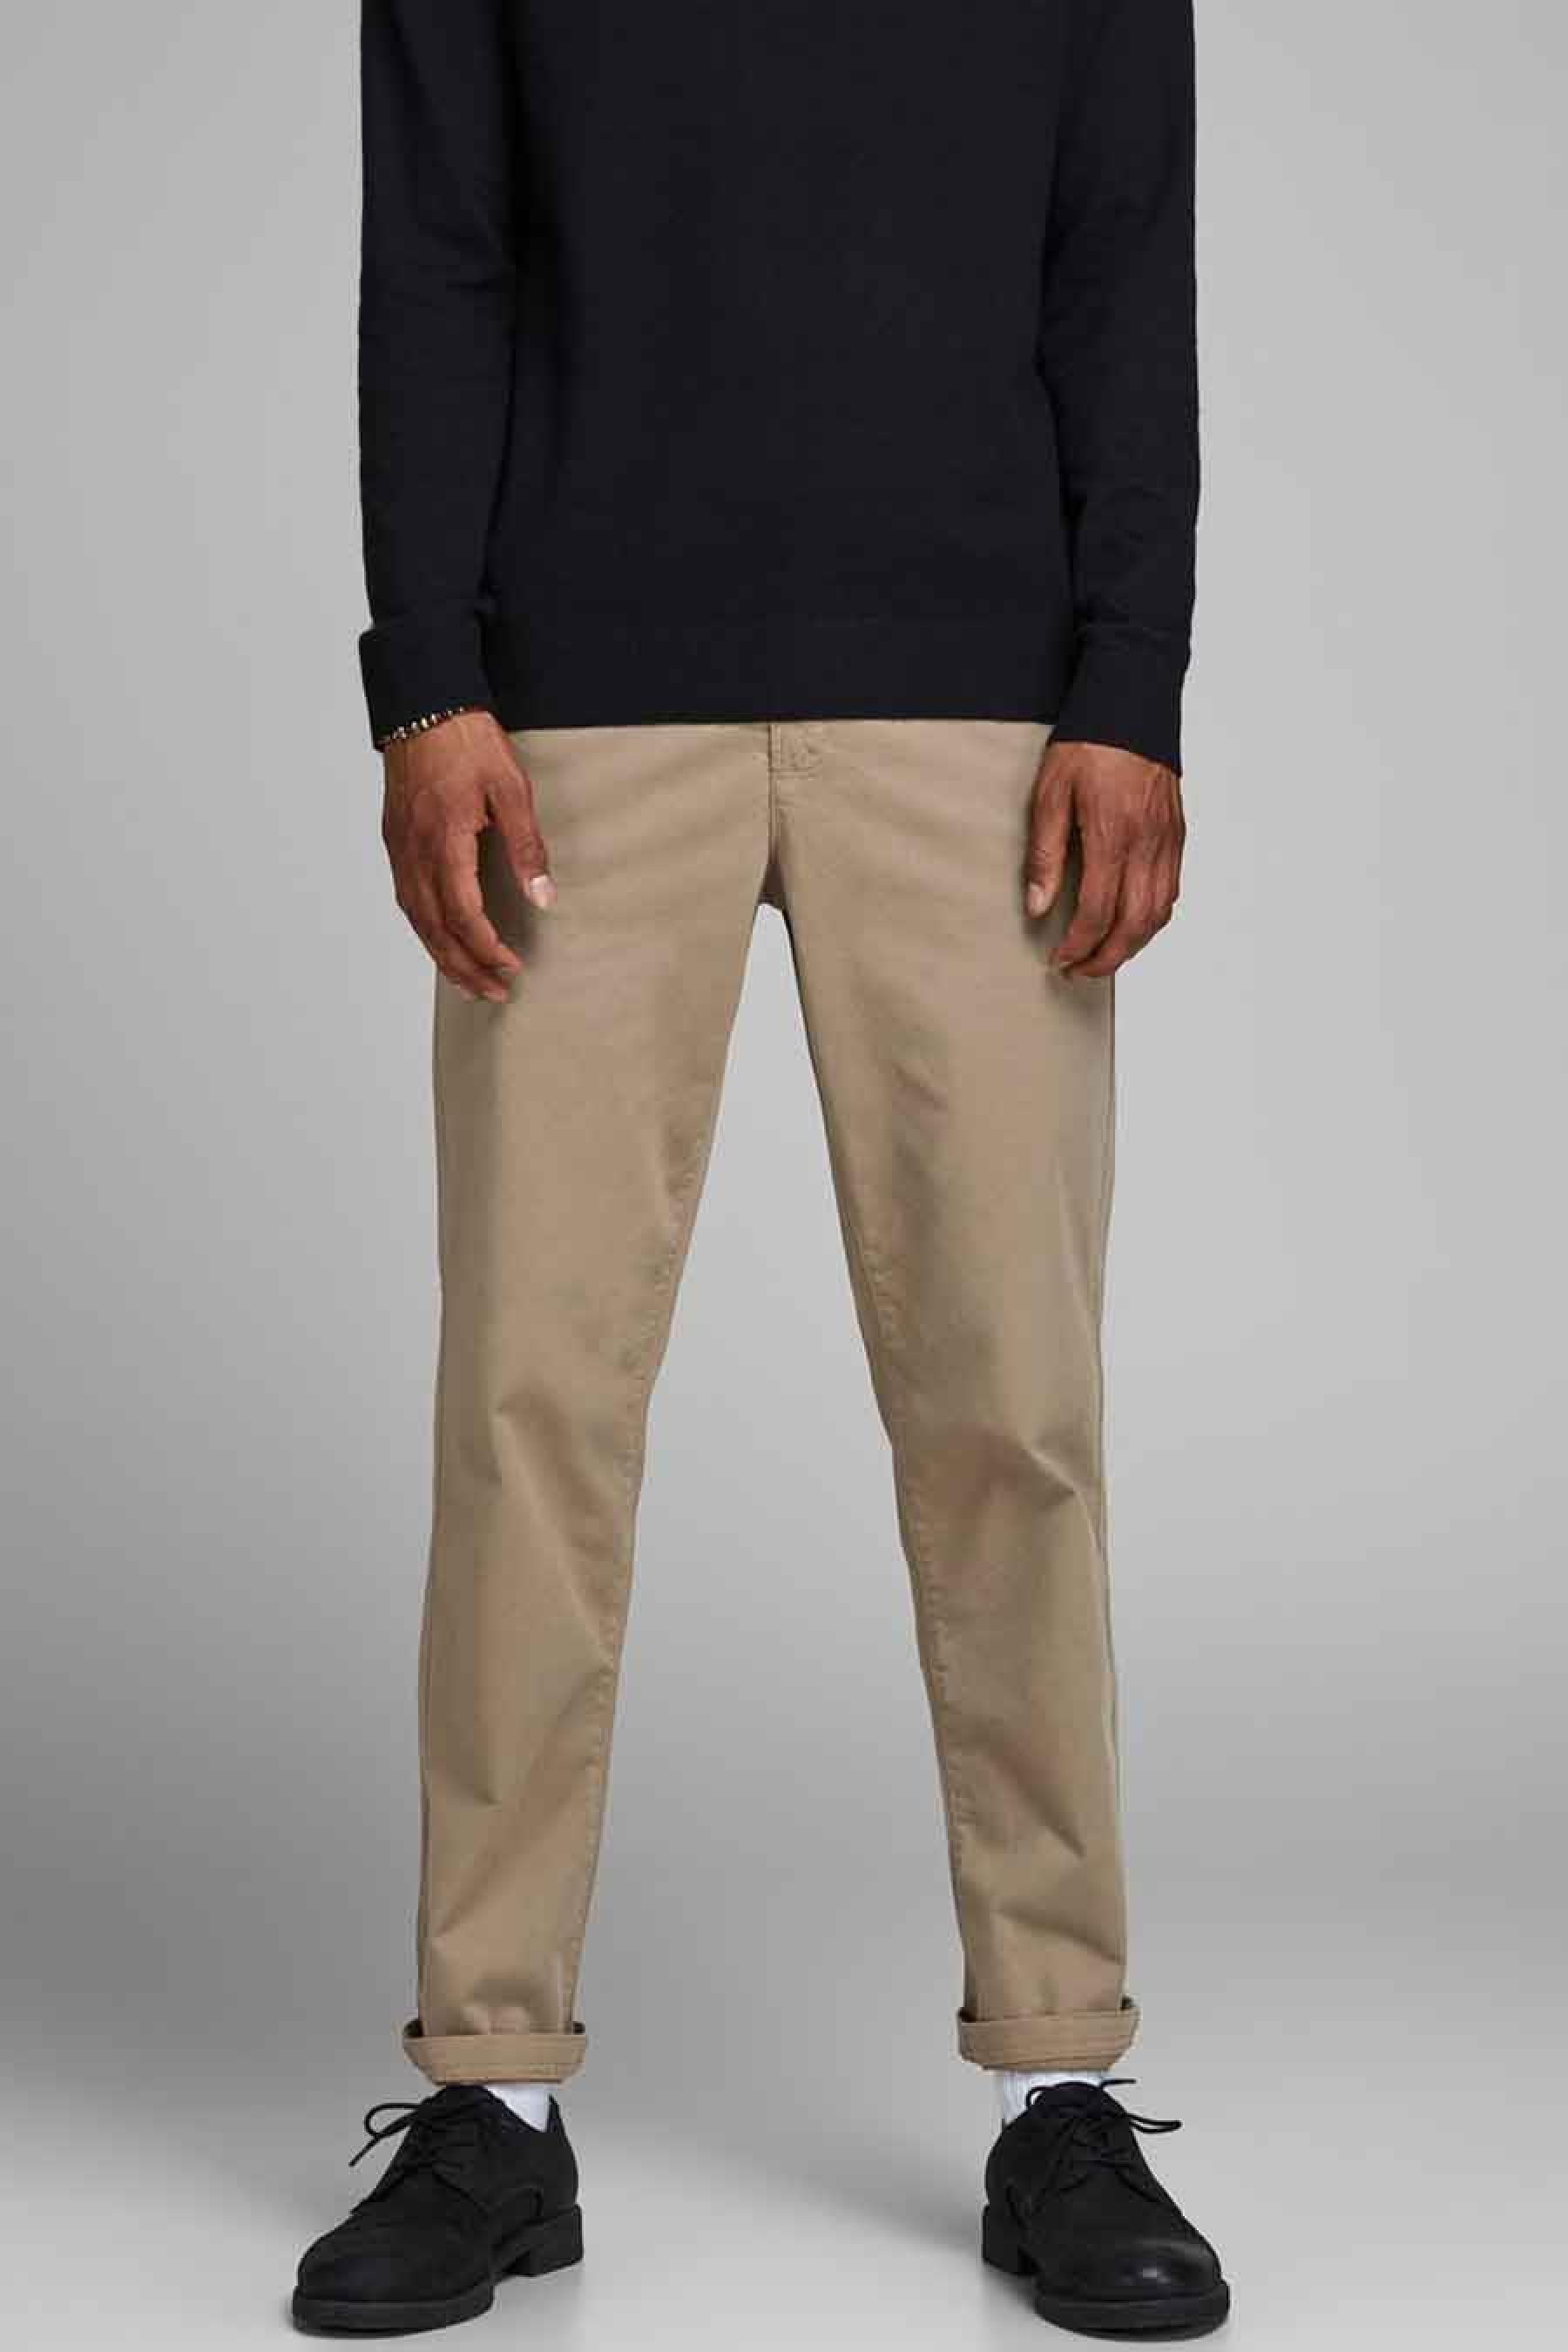 Jack & Jones Jeans Intelligenc Chino, Beige, Heren, Maat: 27x32/28x32/28x34/29x3